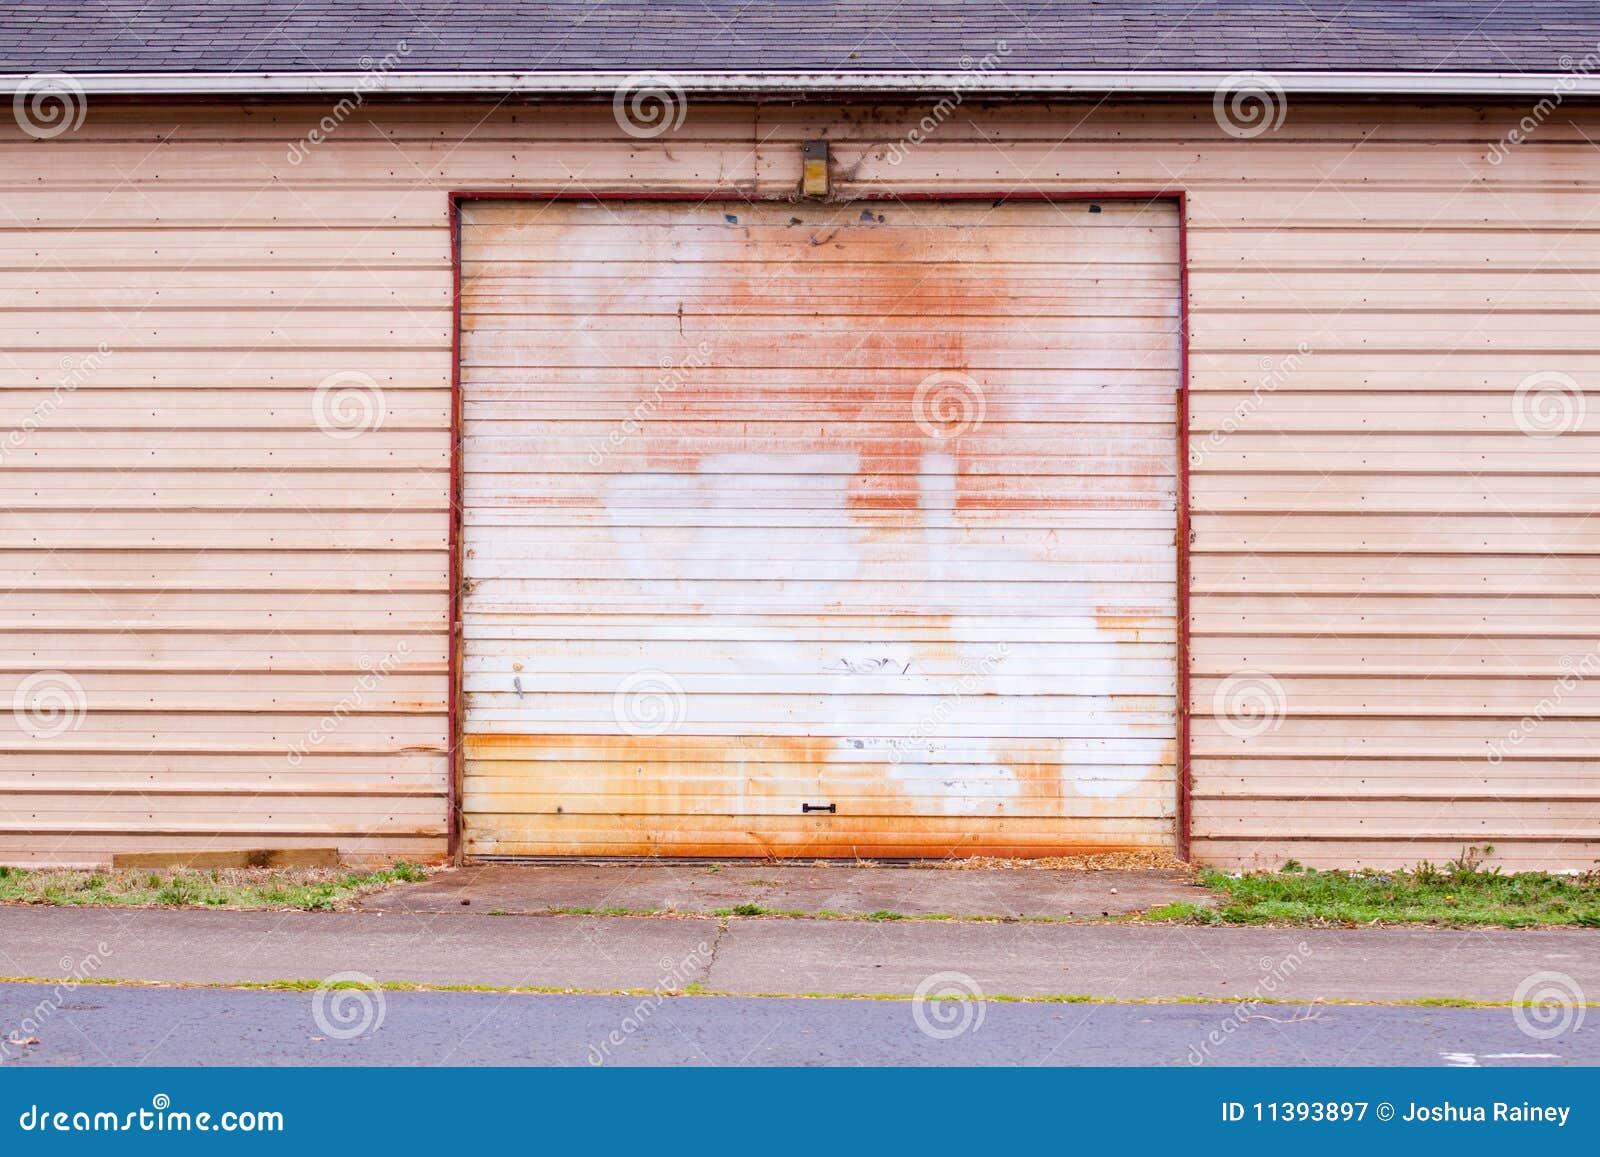 Old Garage Doors : Old garage door stock image of storage copyspace